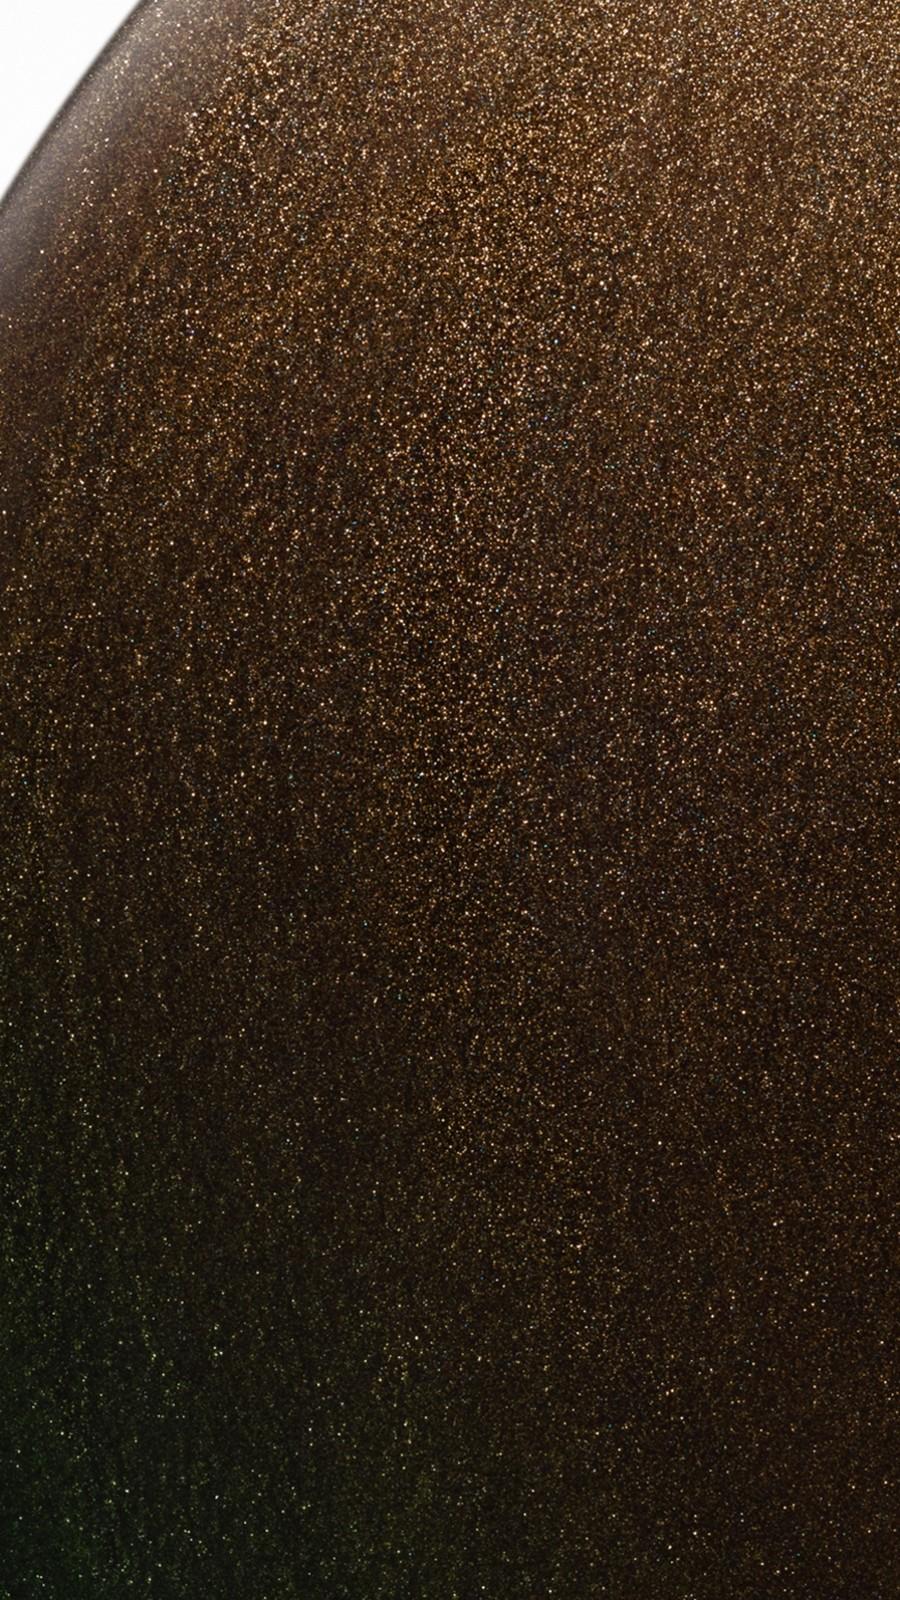 Metallic khaki 202 Nail Polish - Metallic Khaki No.202 - Image 2